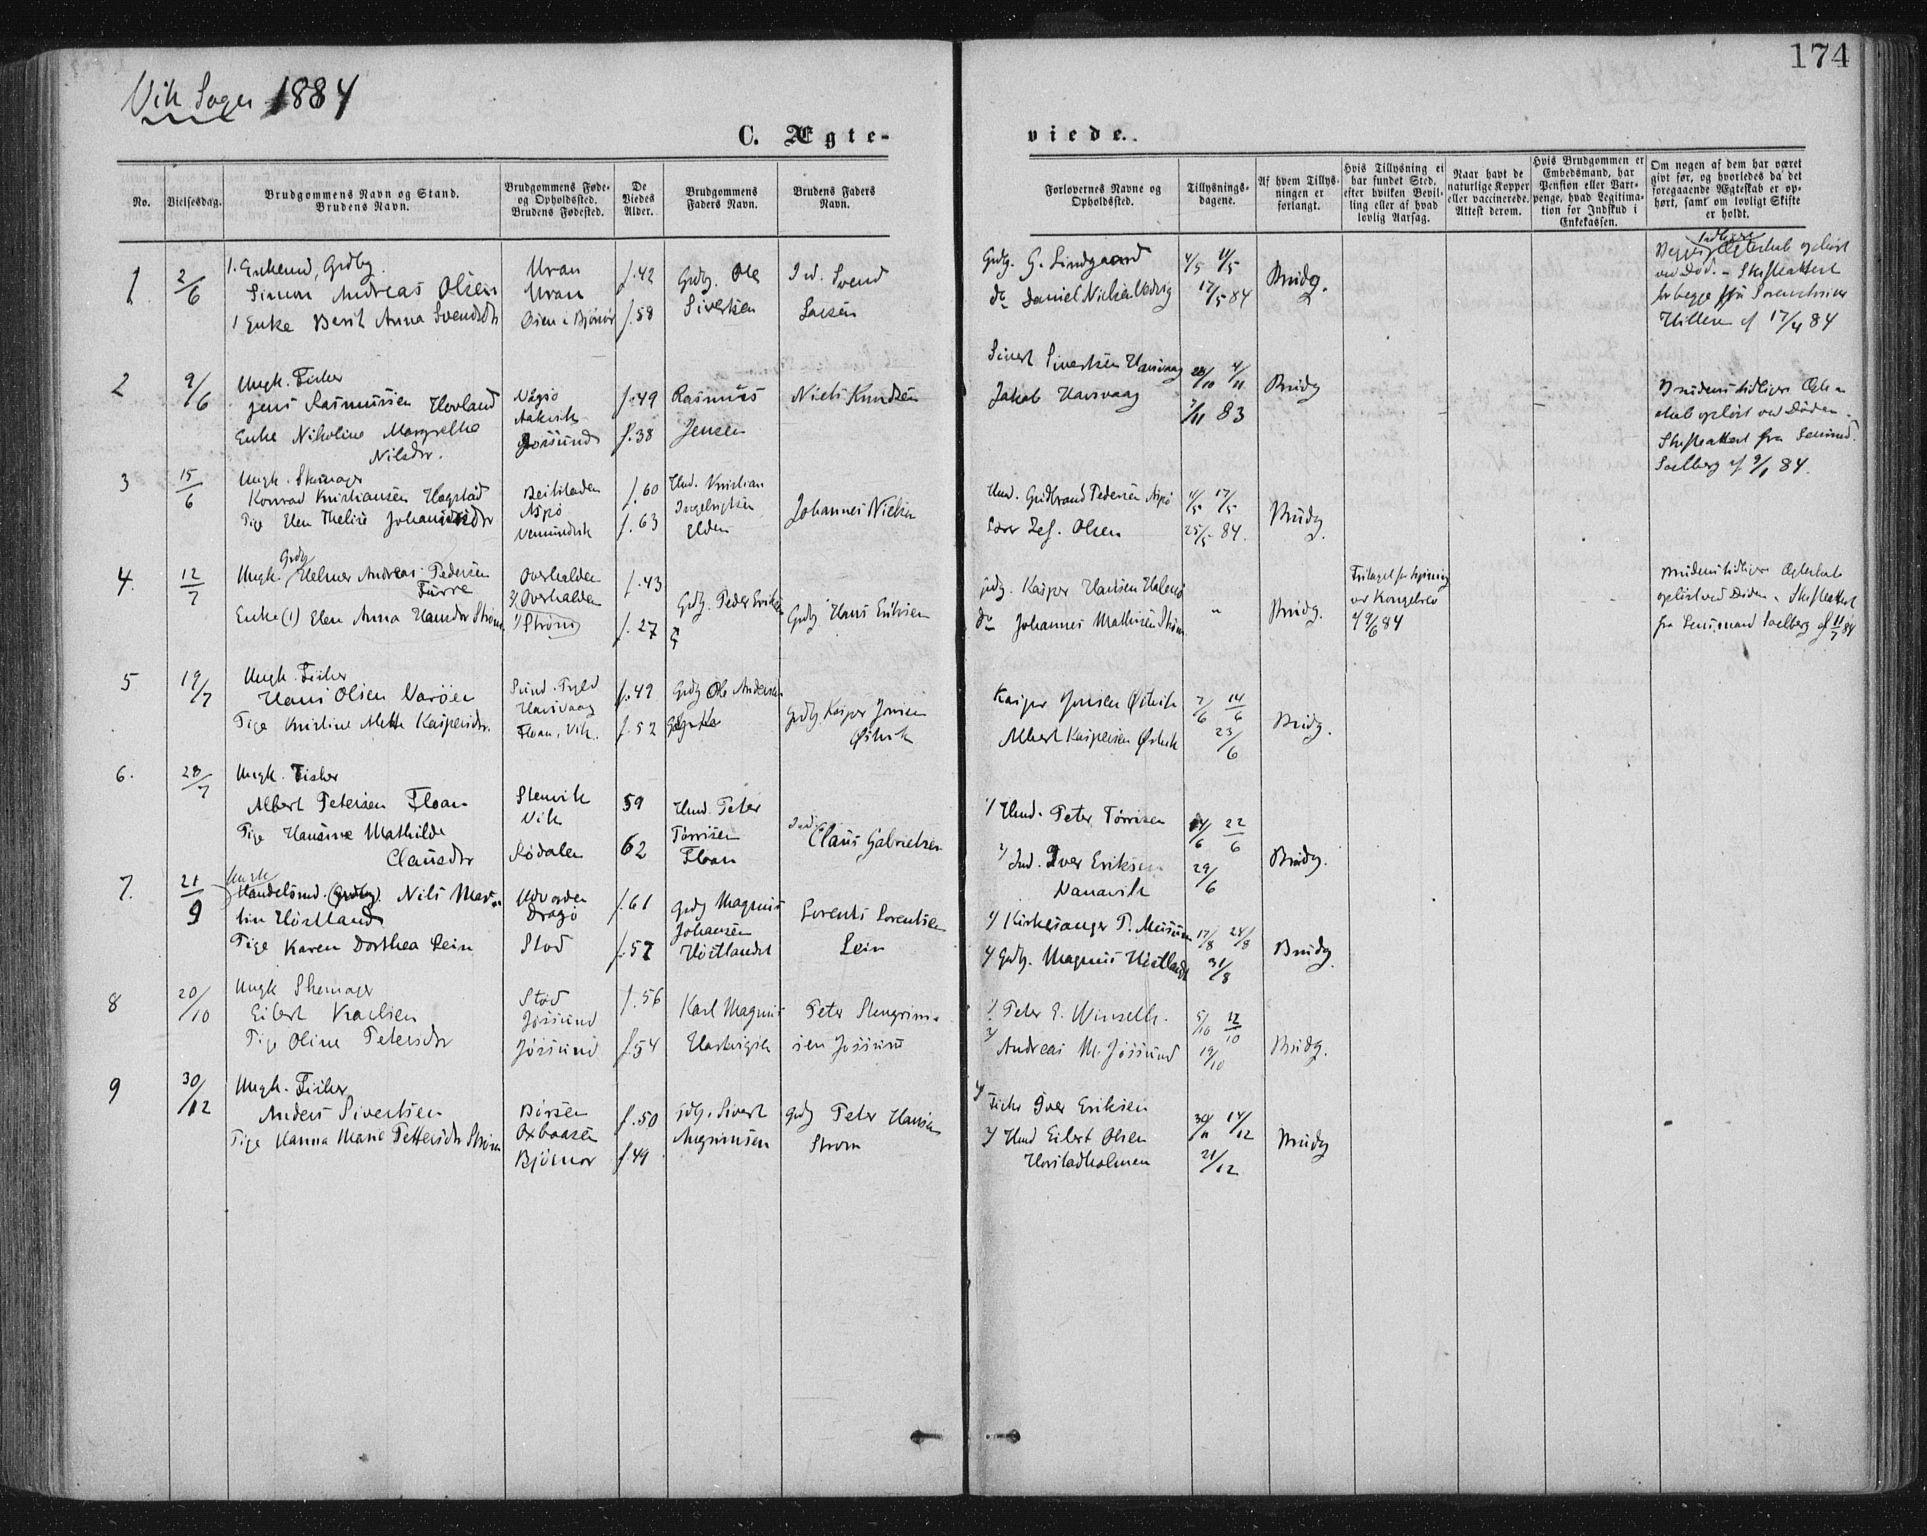 SAT, Ministerialprotokoller, klokkerbøker og fødselsregistre - Nord-Trøndelag, 771/L0596: Ministerialbok nr. 771A03, 1870-1884, s. 174